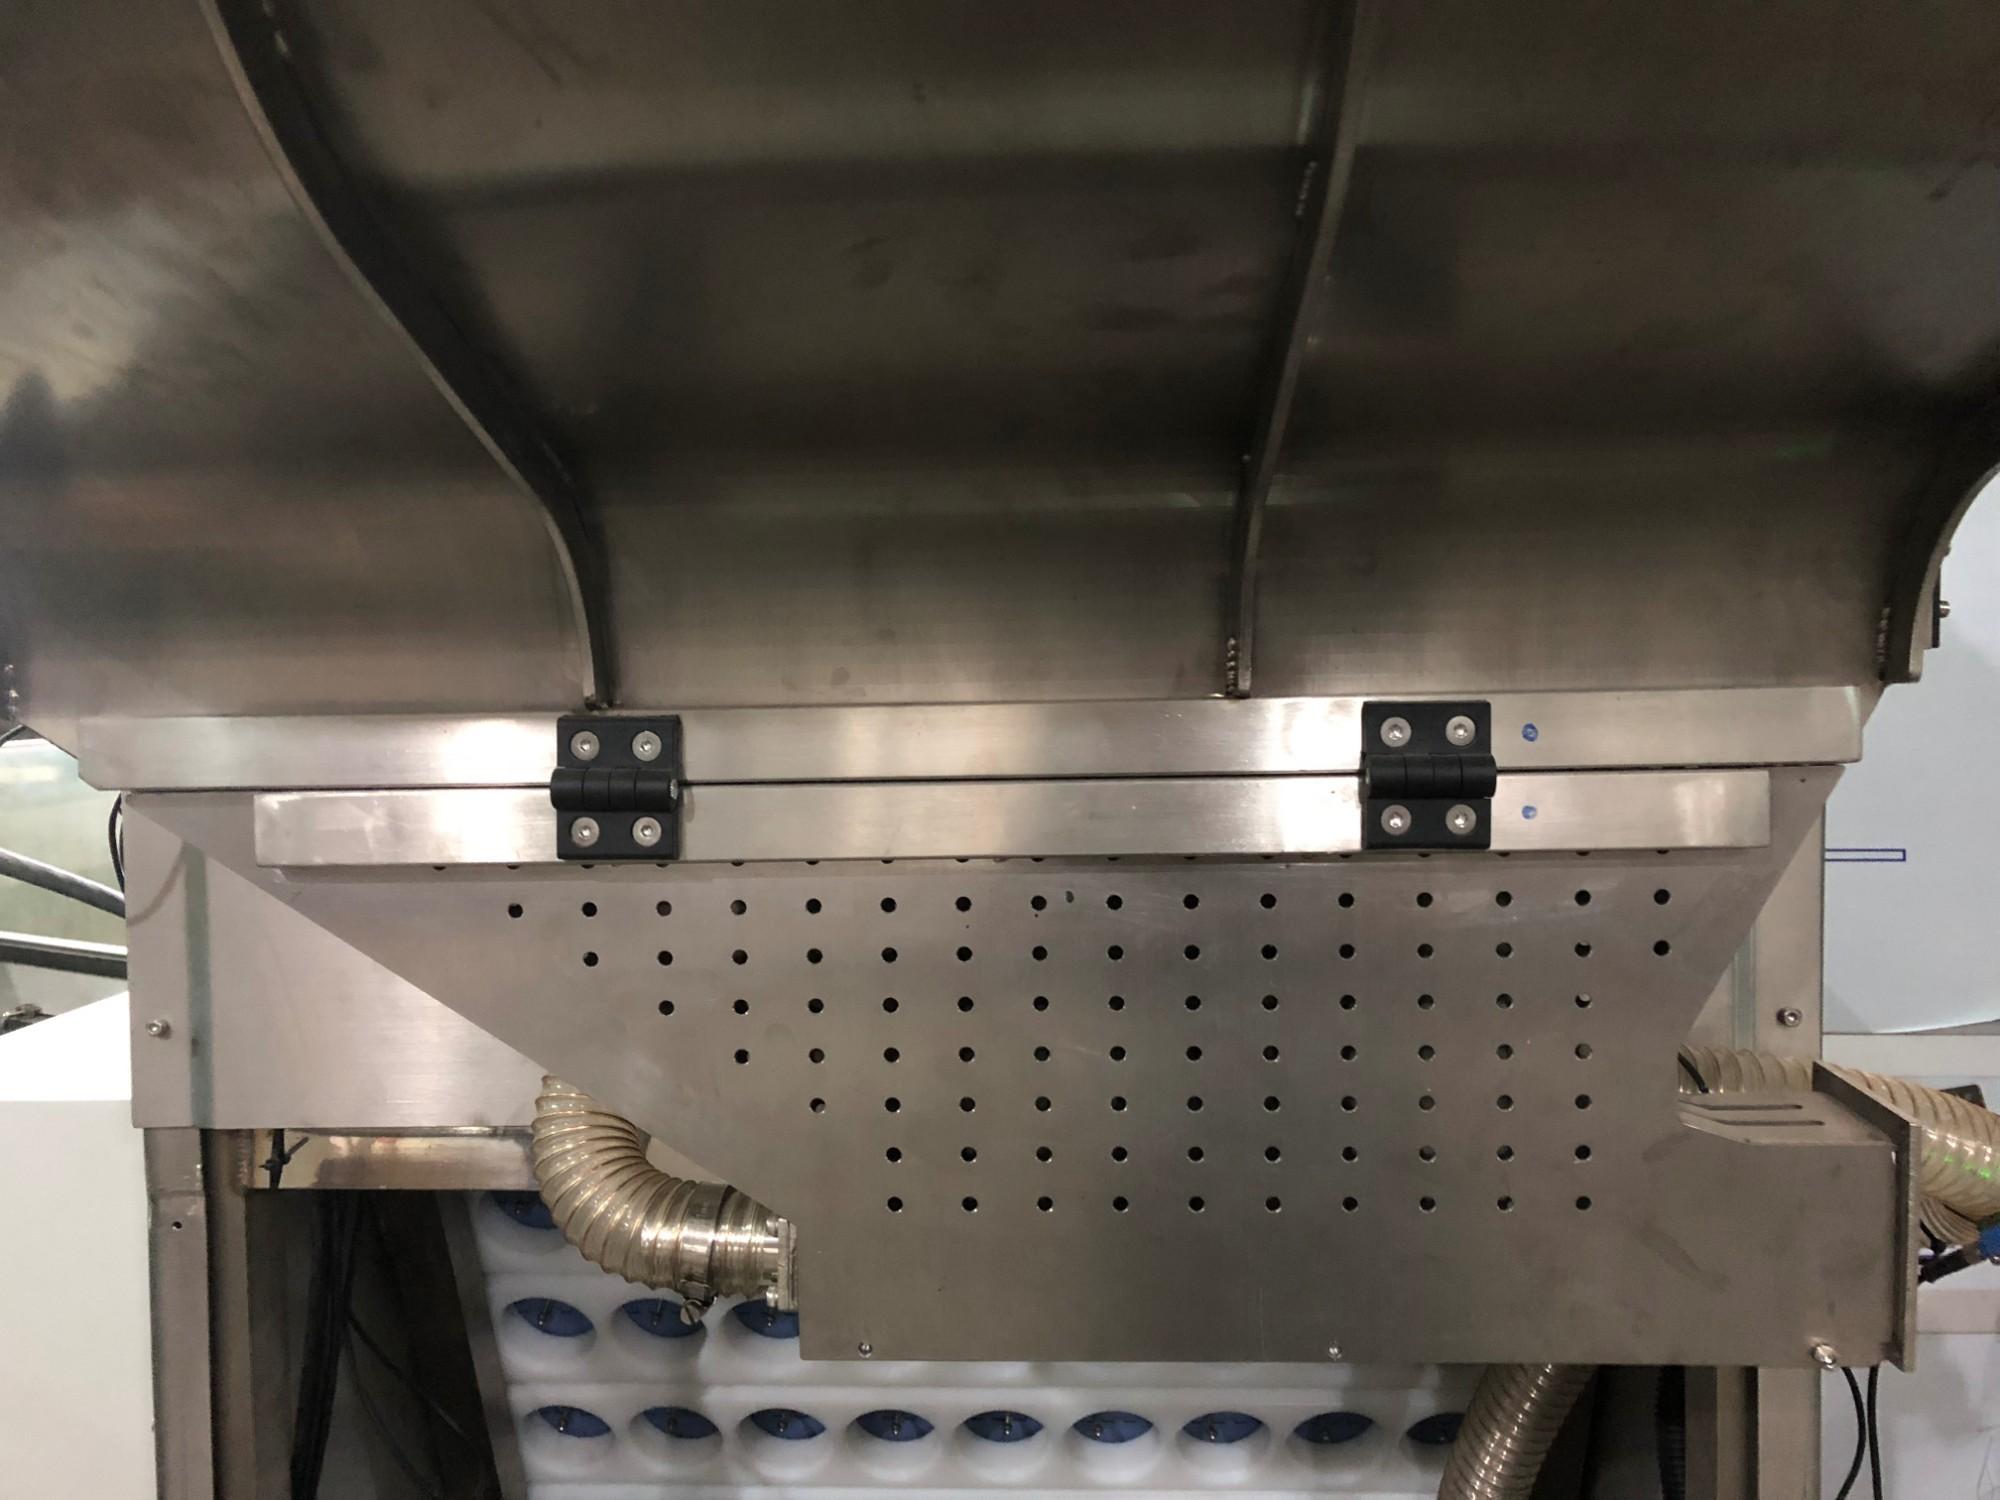 Waterfall Bottle Unscrambler Manufacturers, Waterfall Bottle Unscrambler Factory, Supply Waterfall Bottle Unscrambler